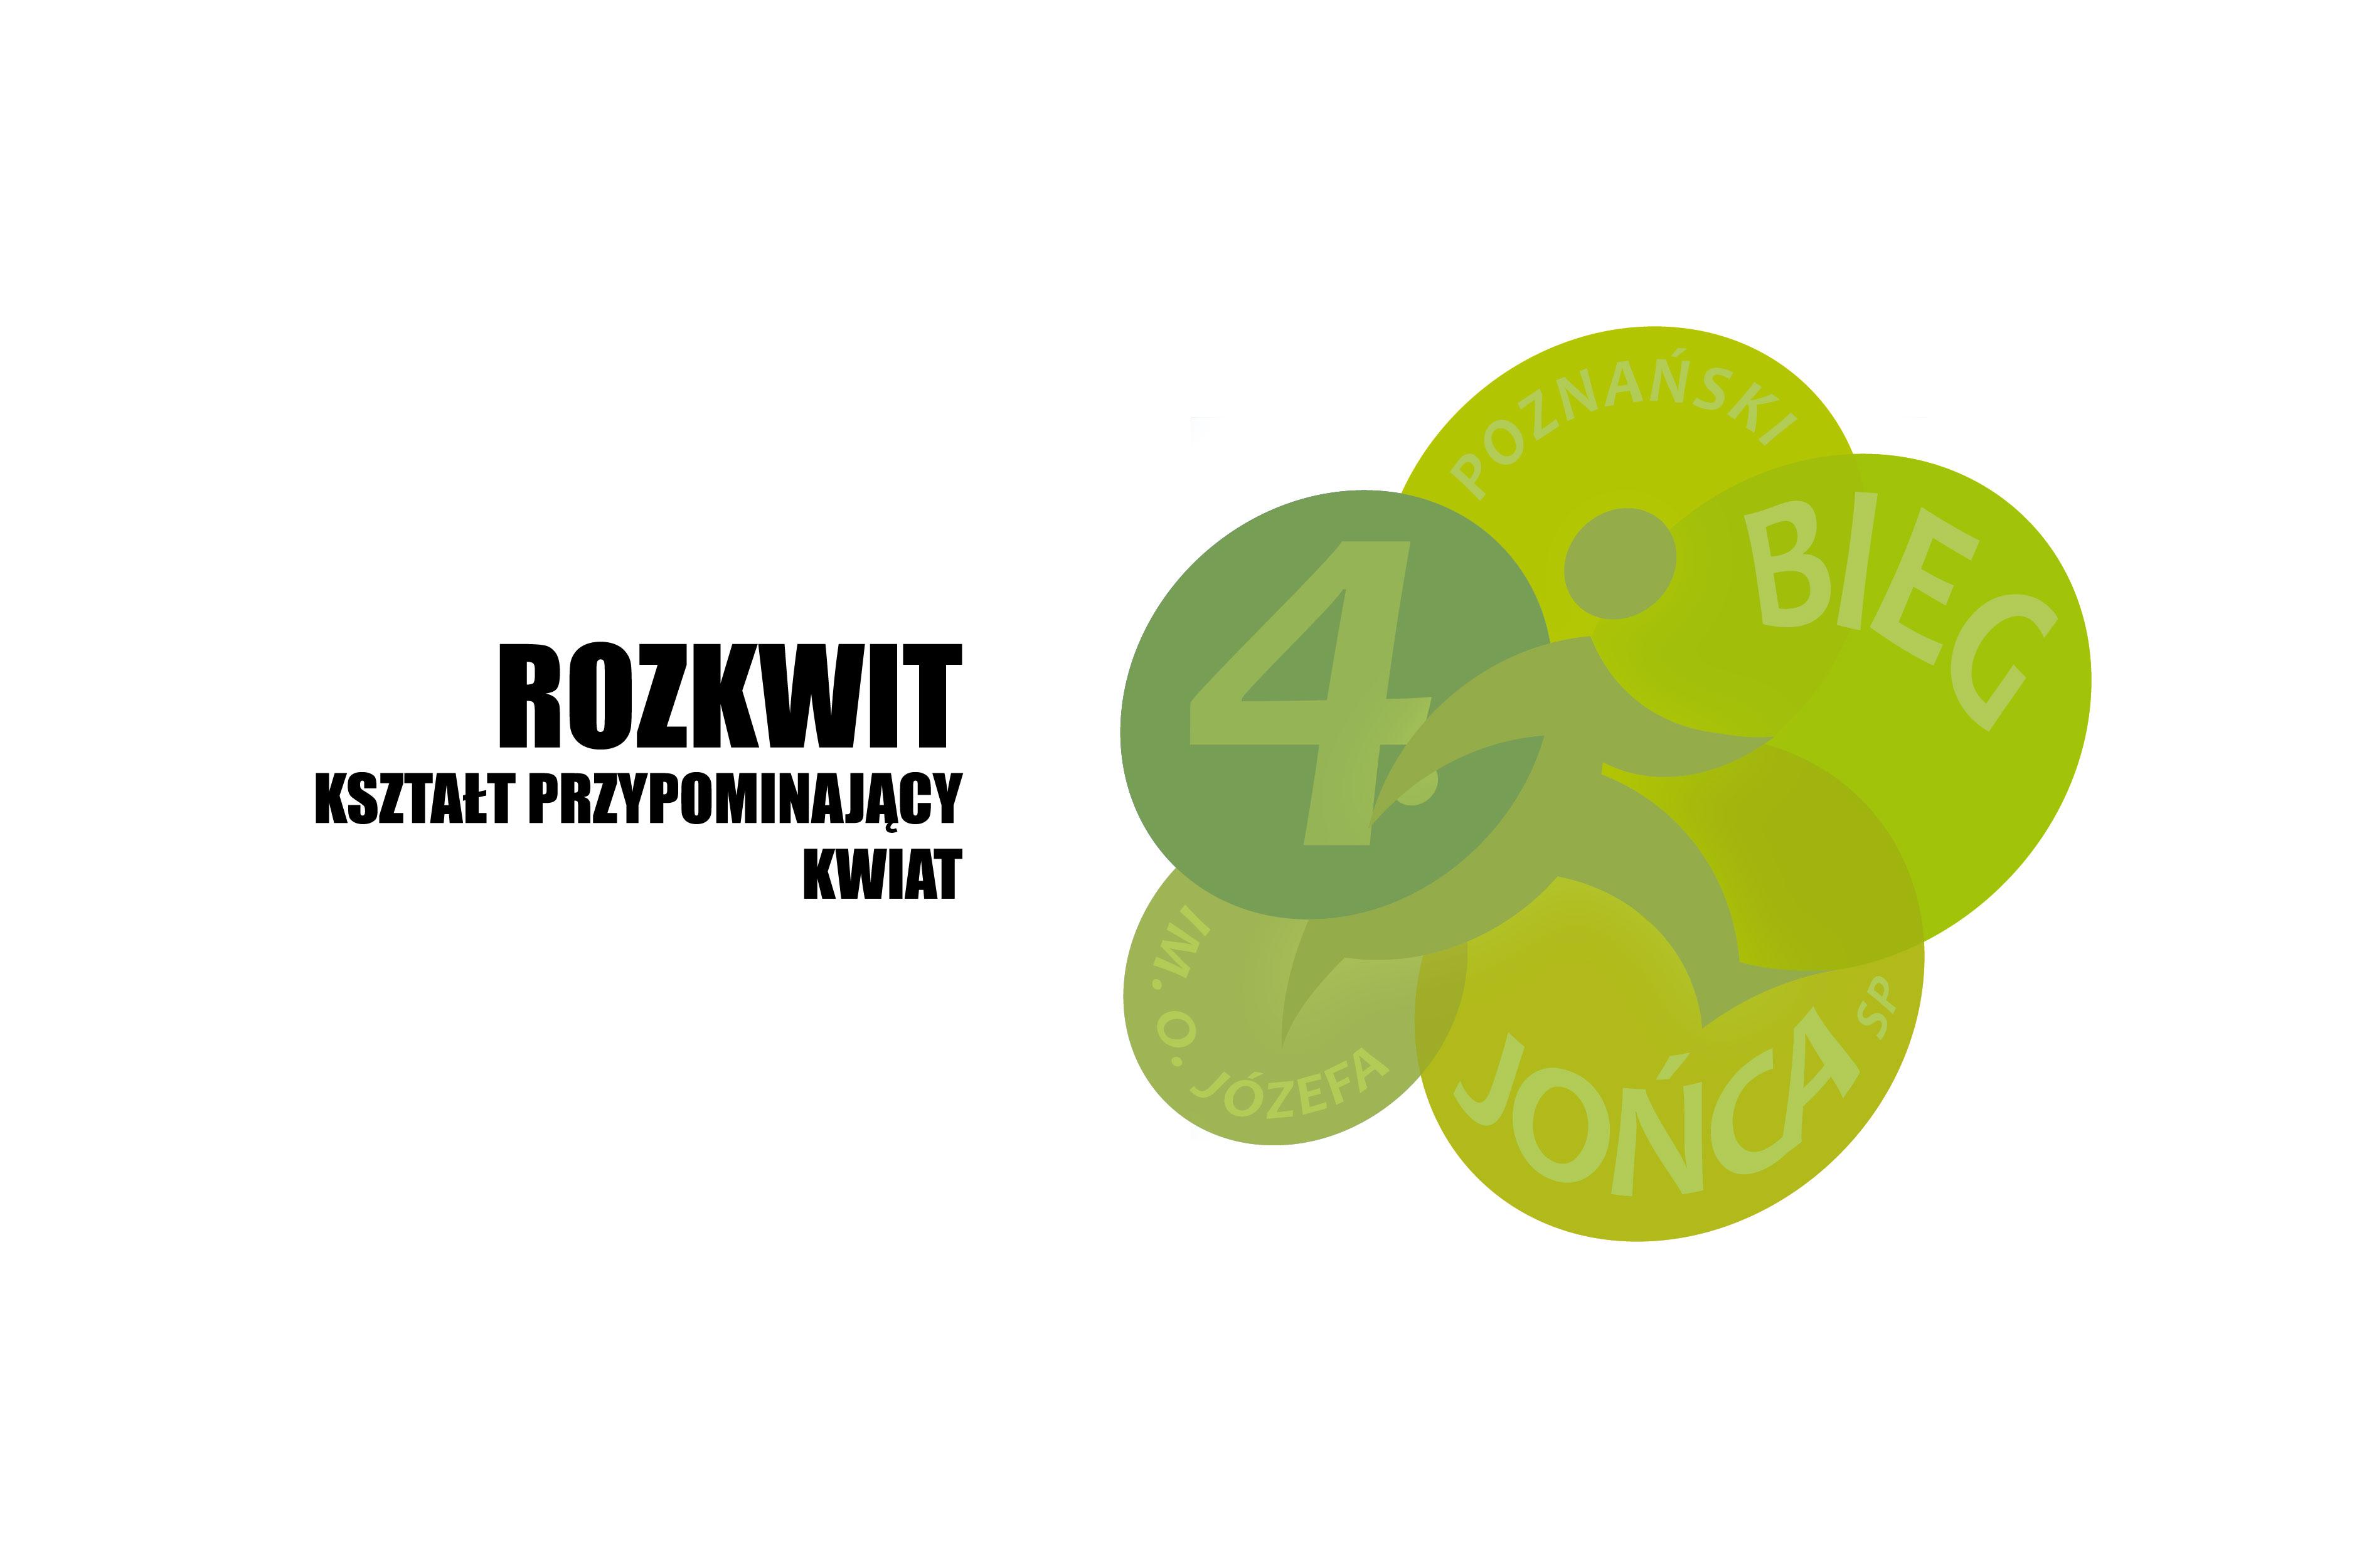 logo biegu_analiza 4-03